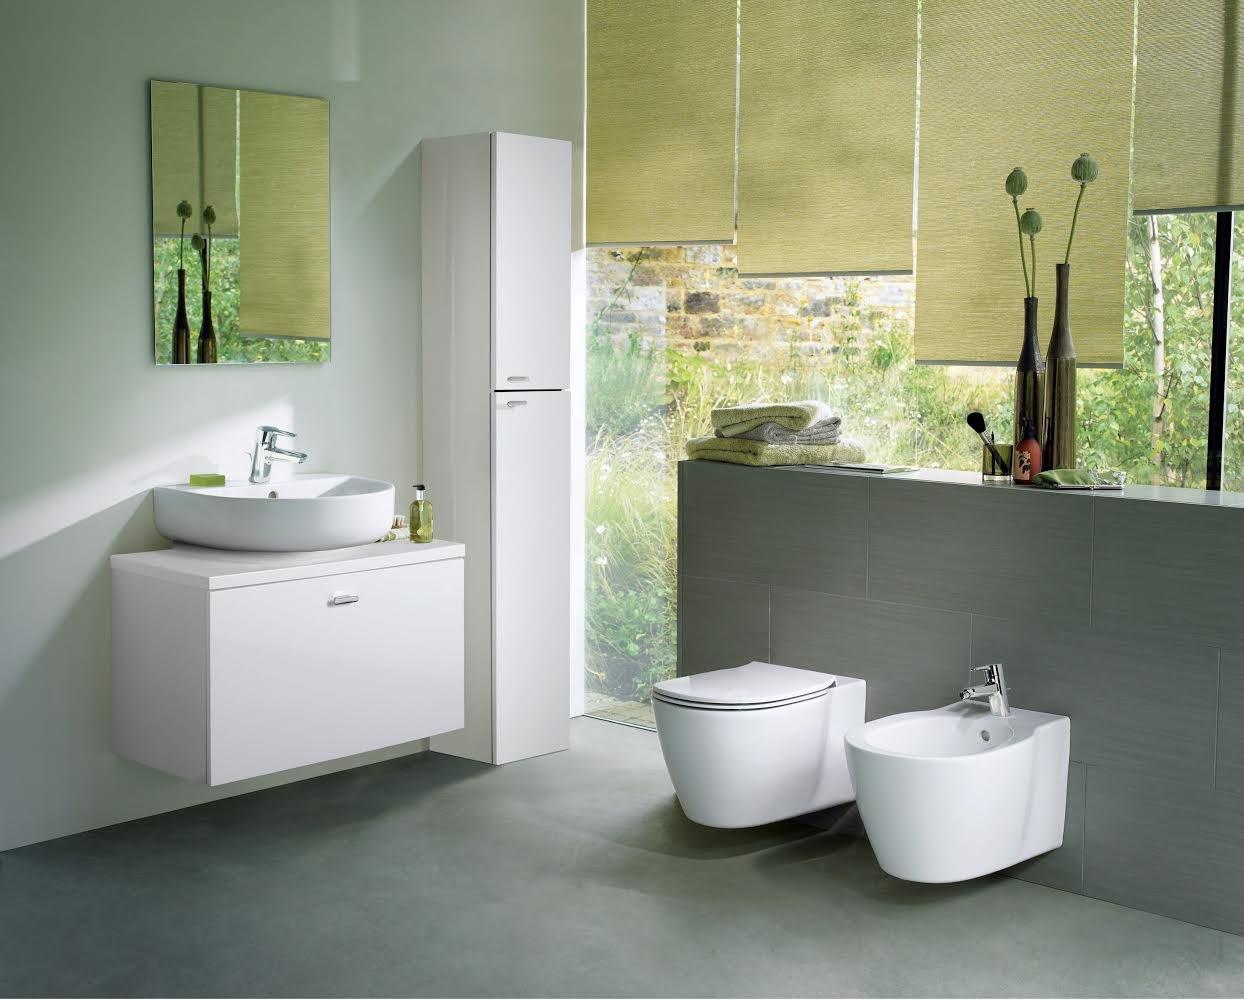 da ideal standard le soluzioni bagno per tutte le esigenze. Black Bedroom Furniture Sets. Home Design Ideas